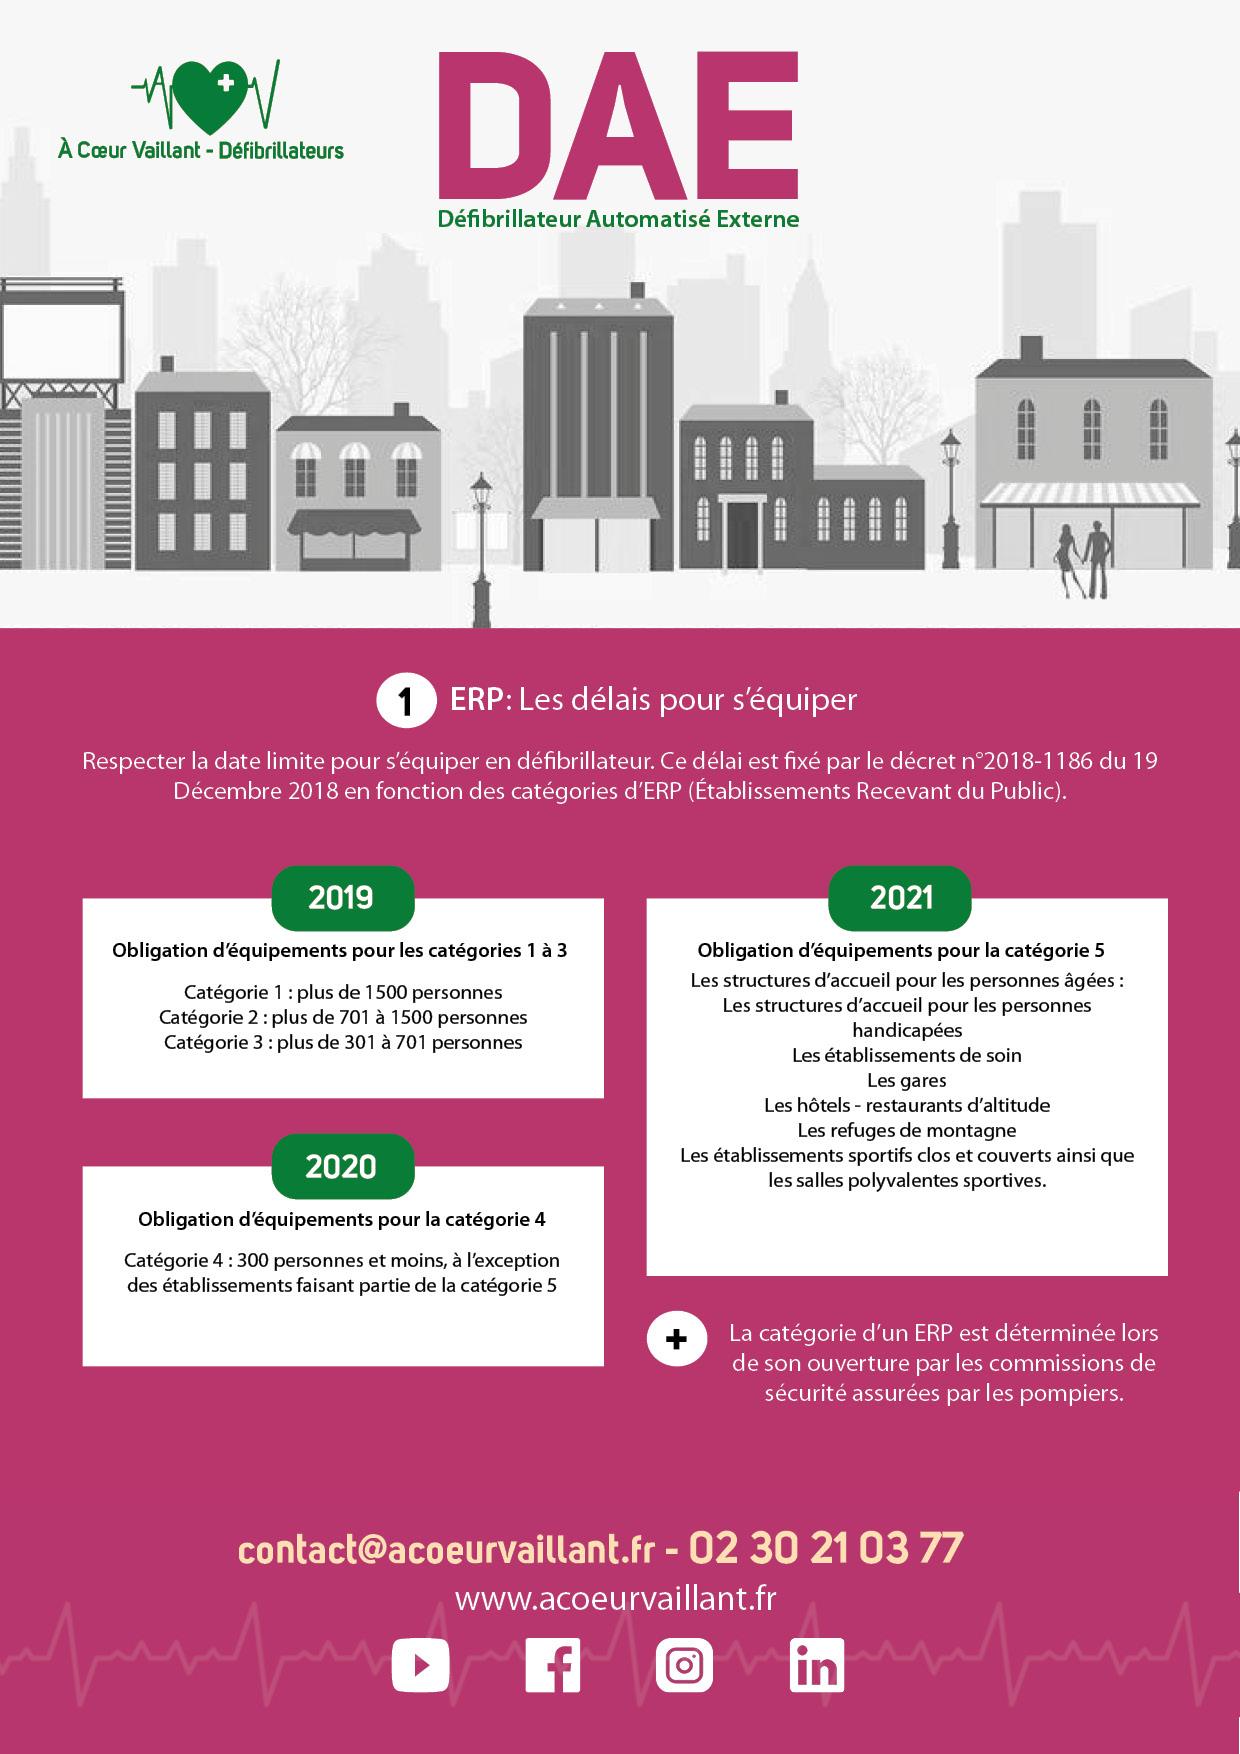 ERP - Règlementation - À Coeur Vaillant Défibrillateurs